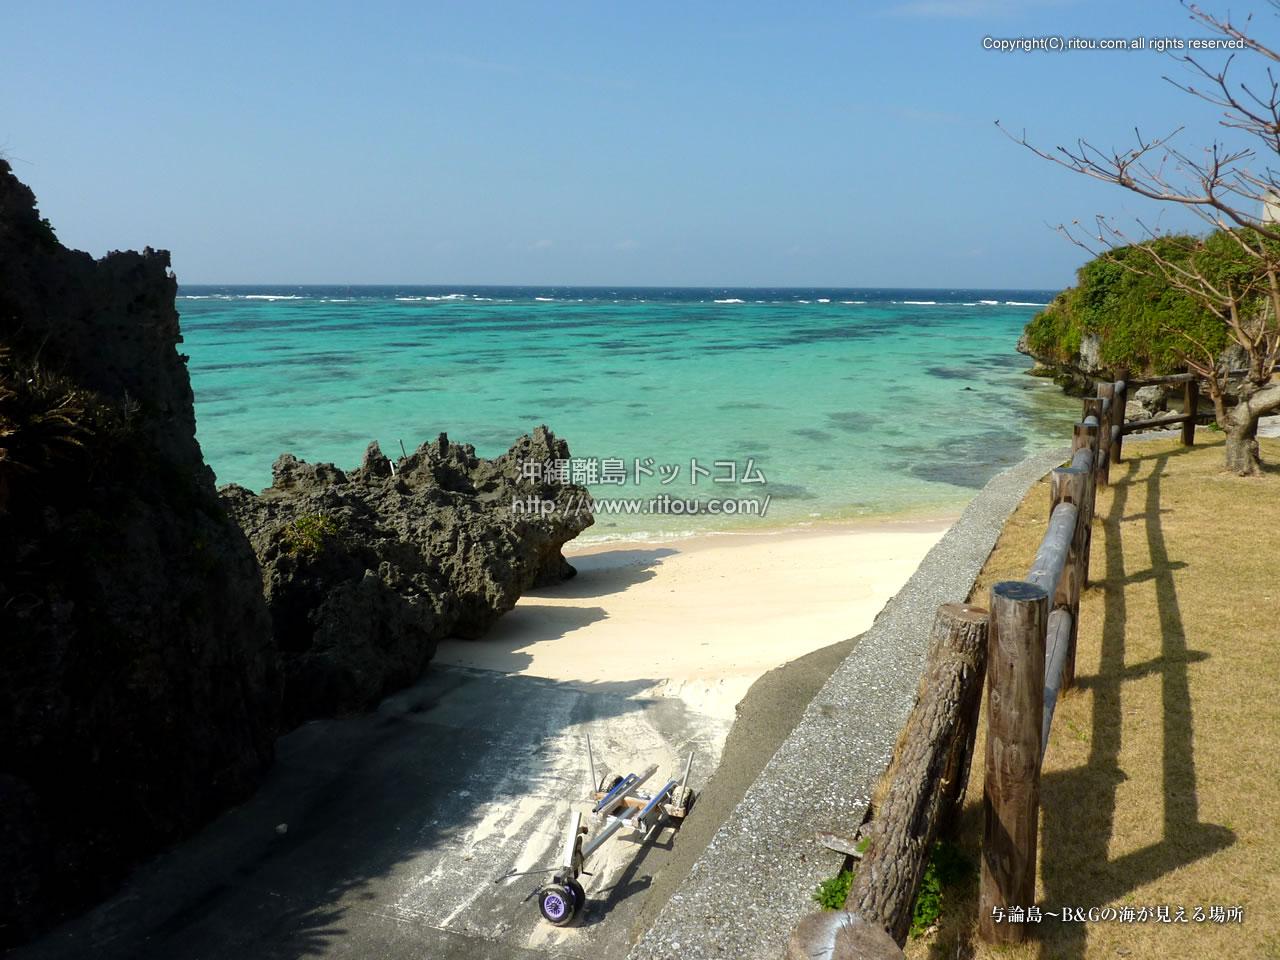 与論島〜B&Gの海が見える場所